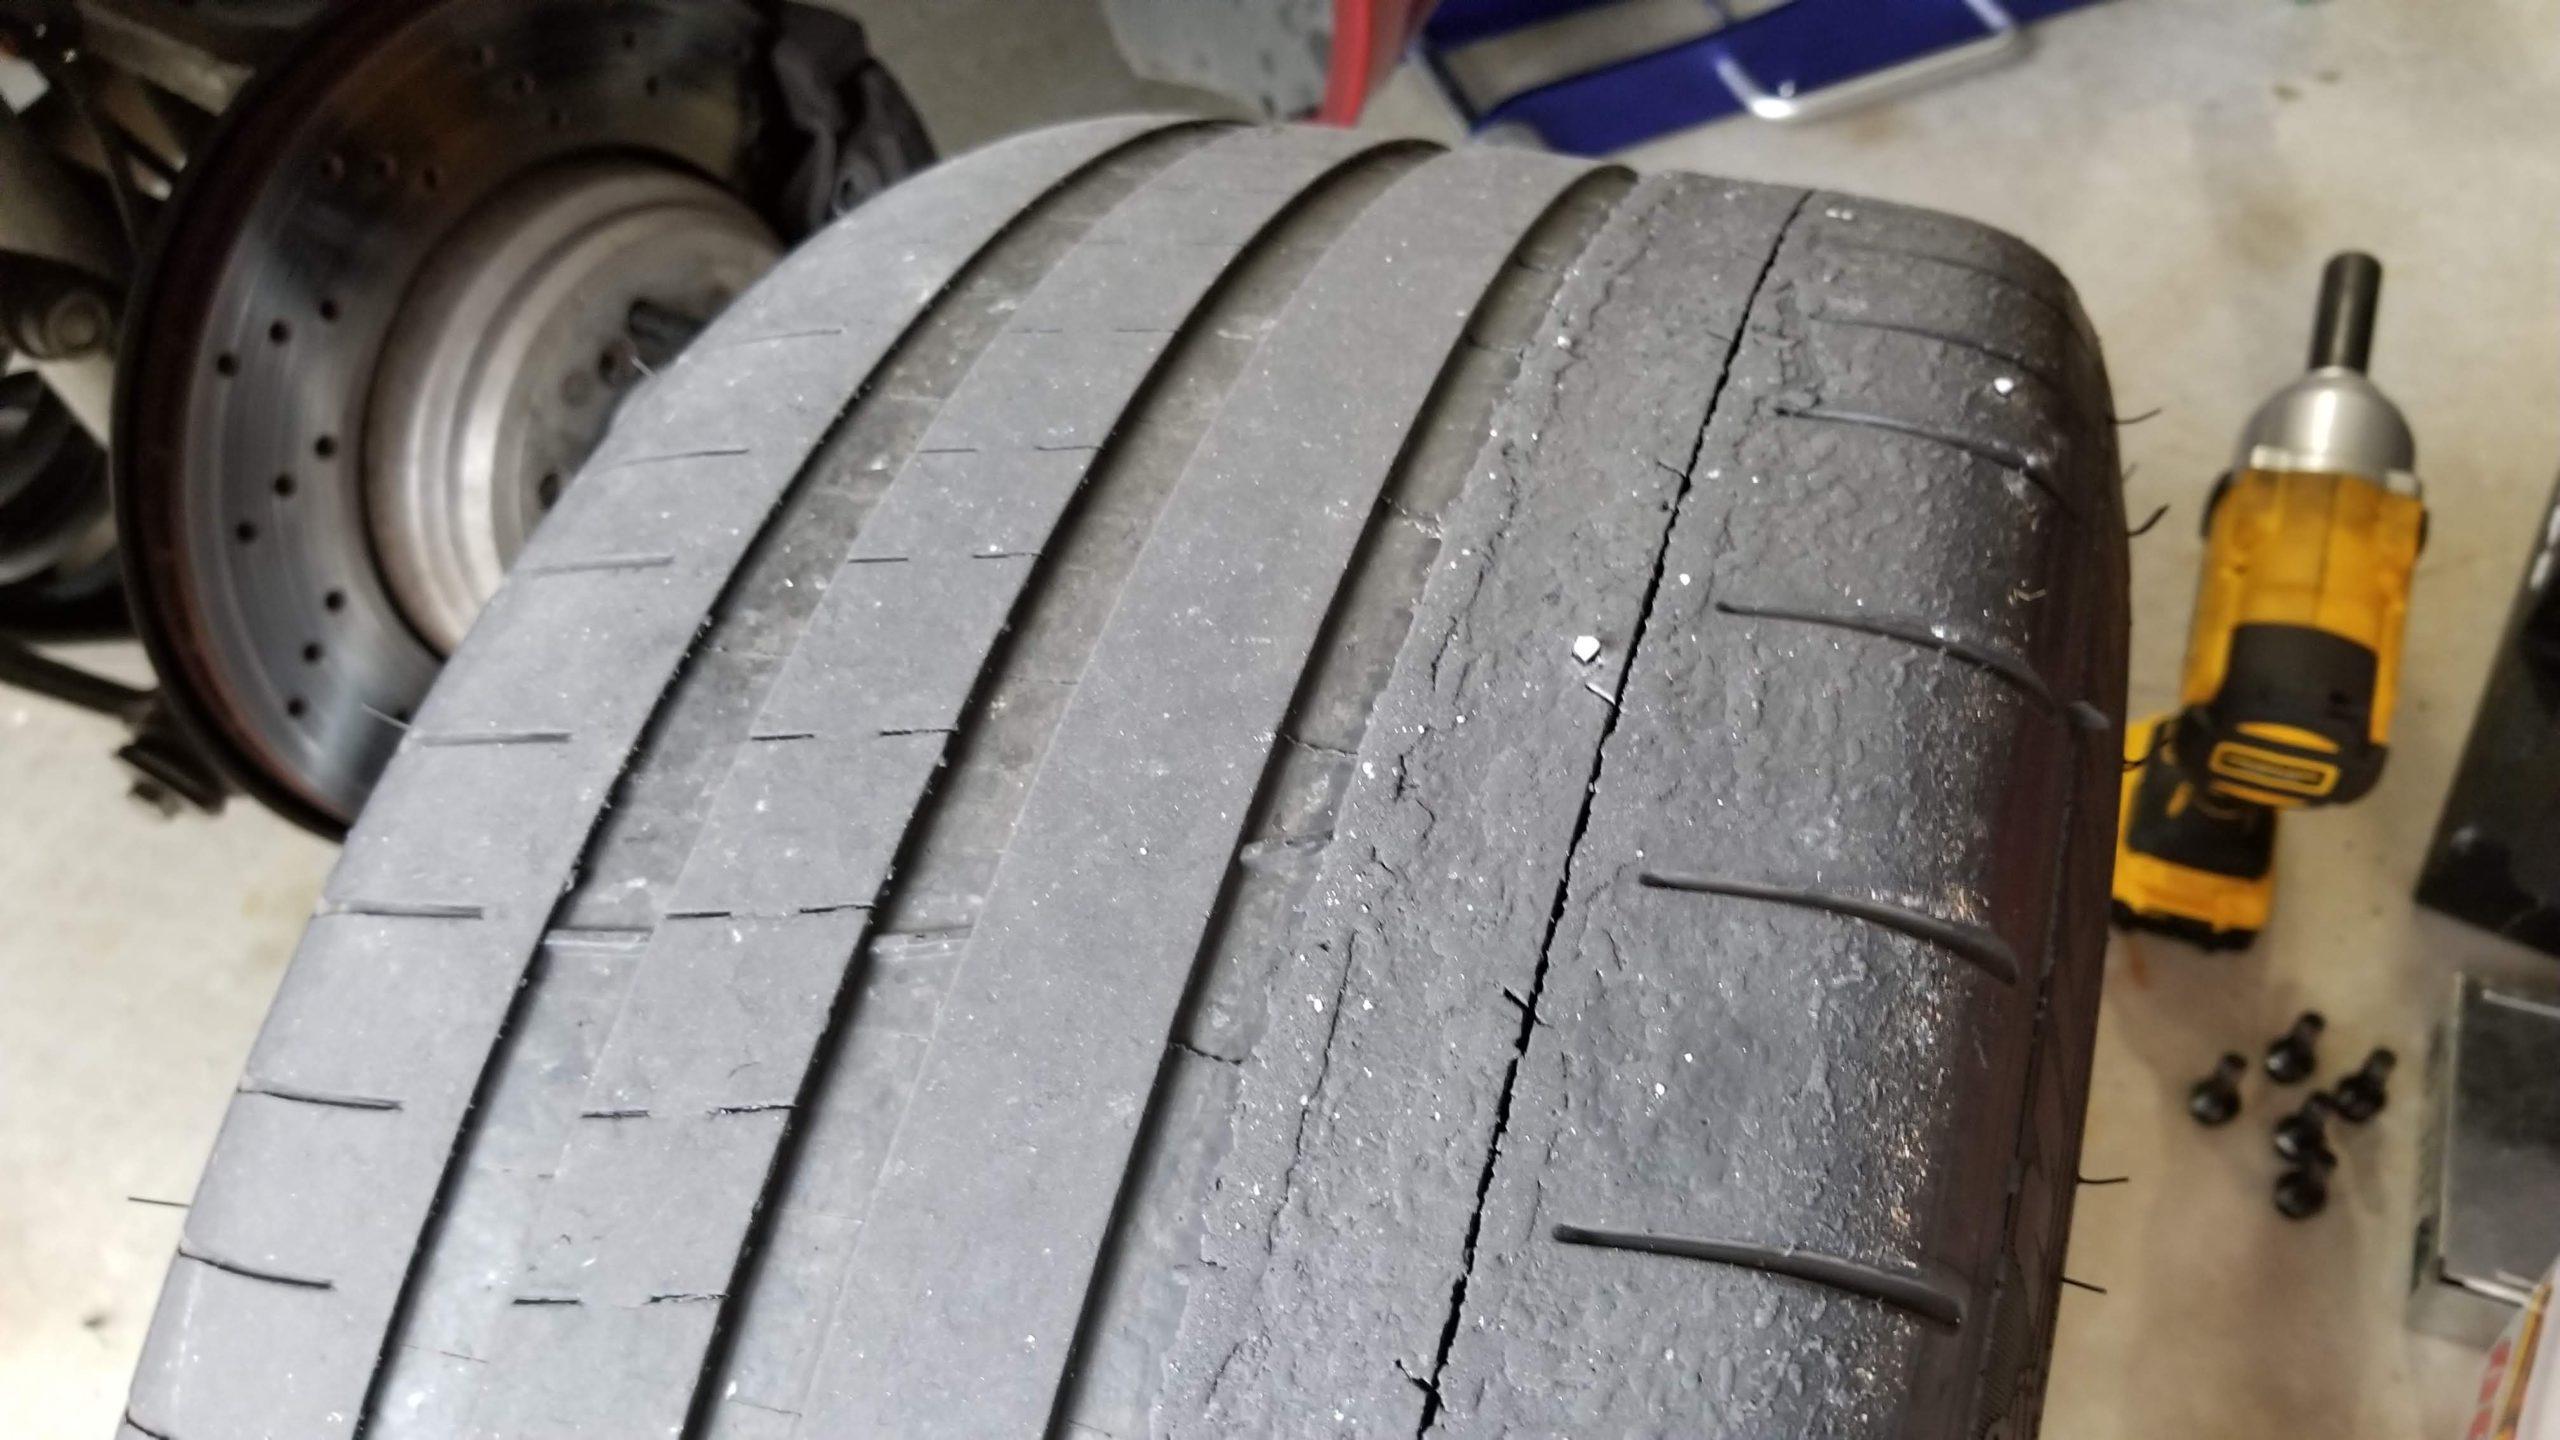 Track days worn tire